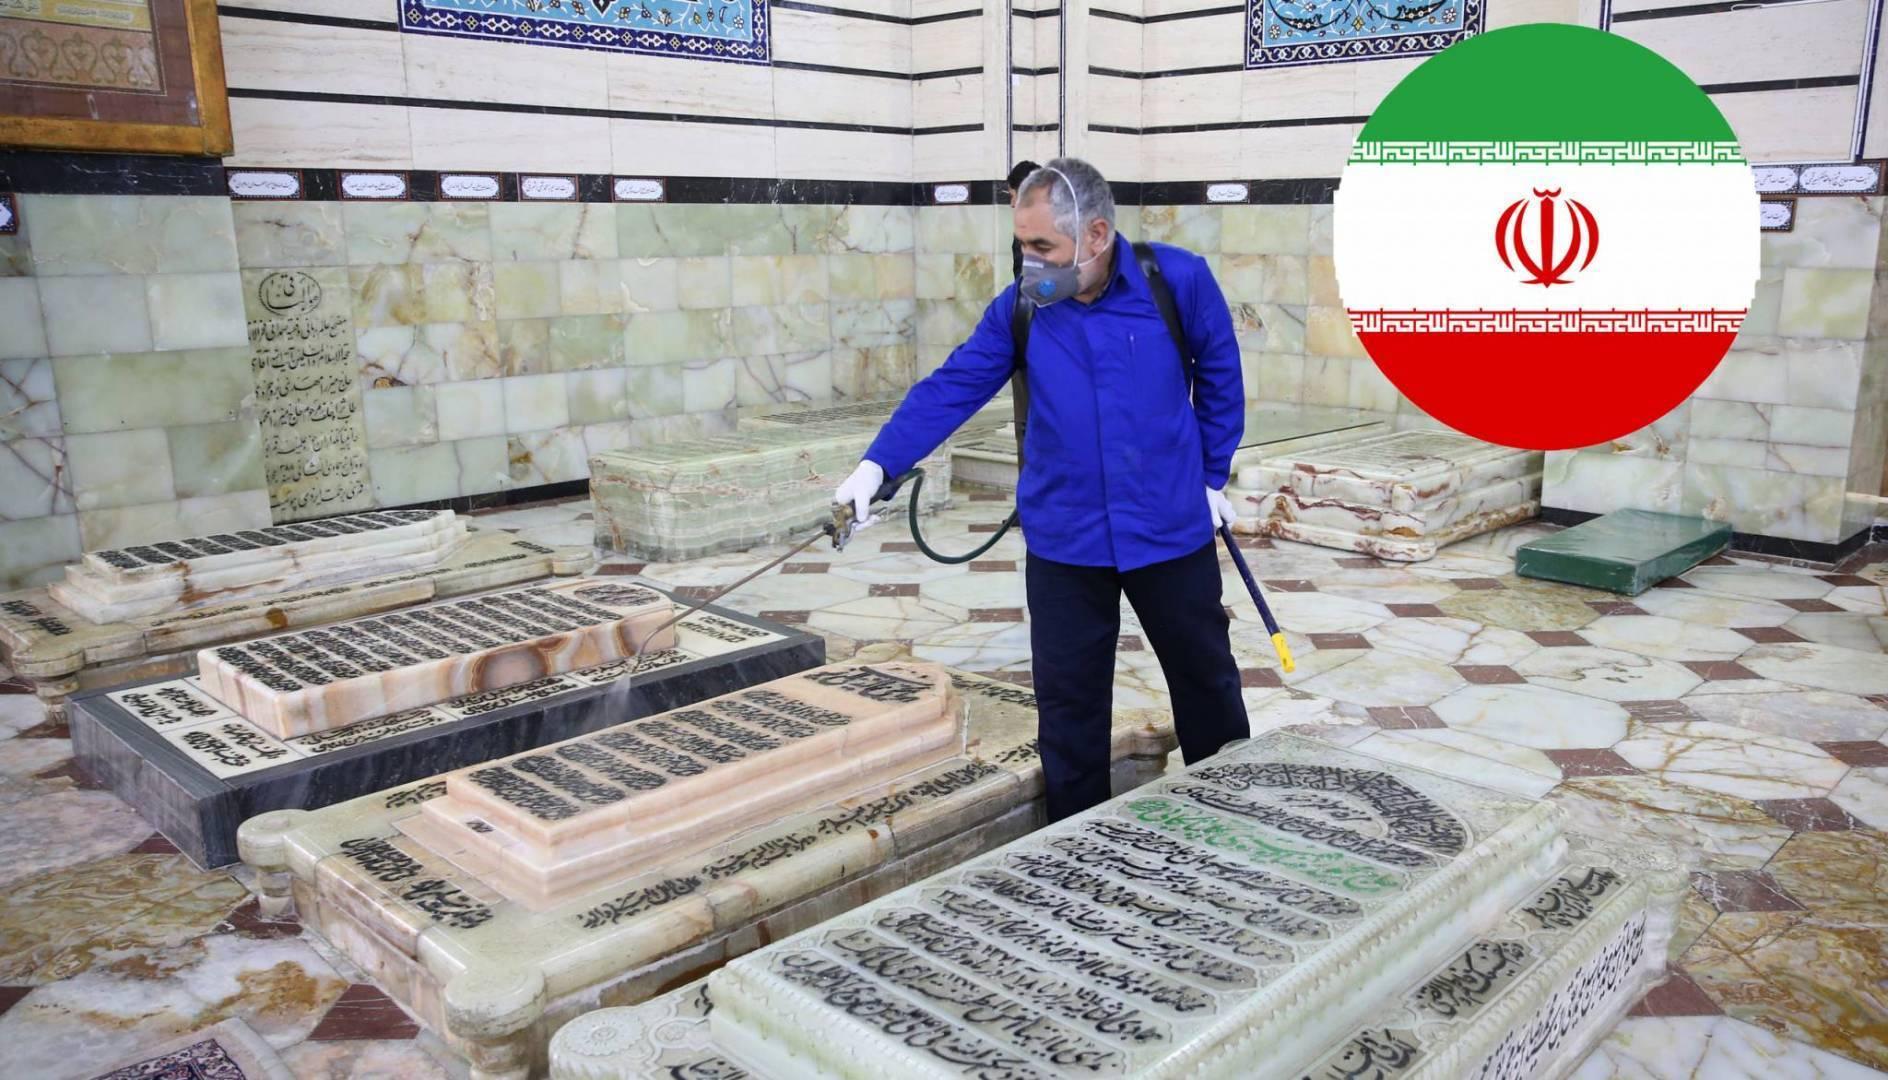 إيران تعيد فتح مزارات دينية رئيسية بعد شهرين من إغلاقها بسبب «كورونا»